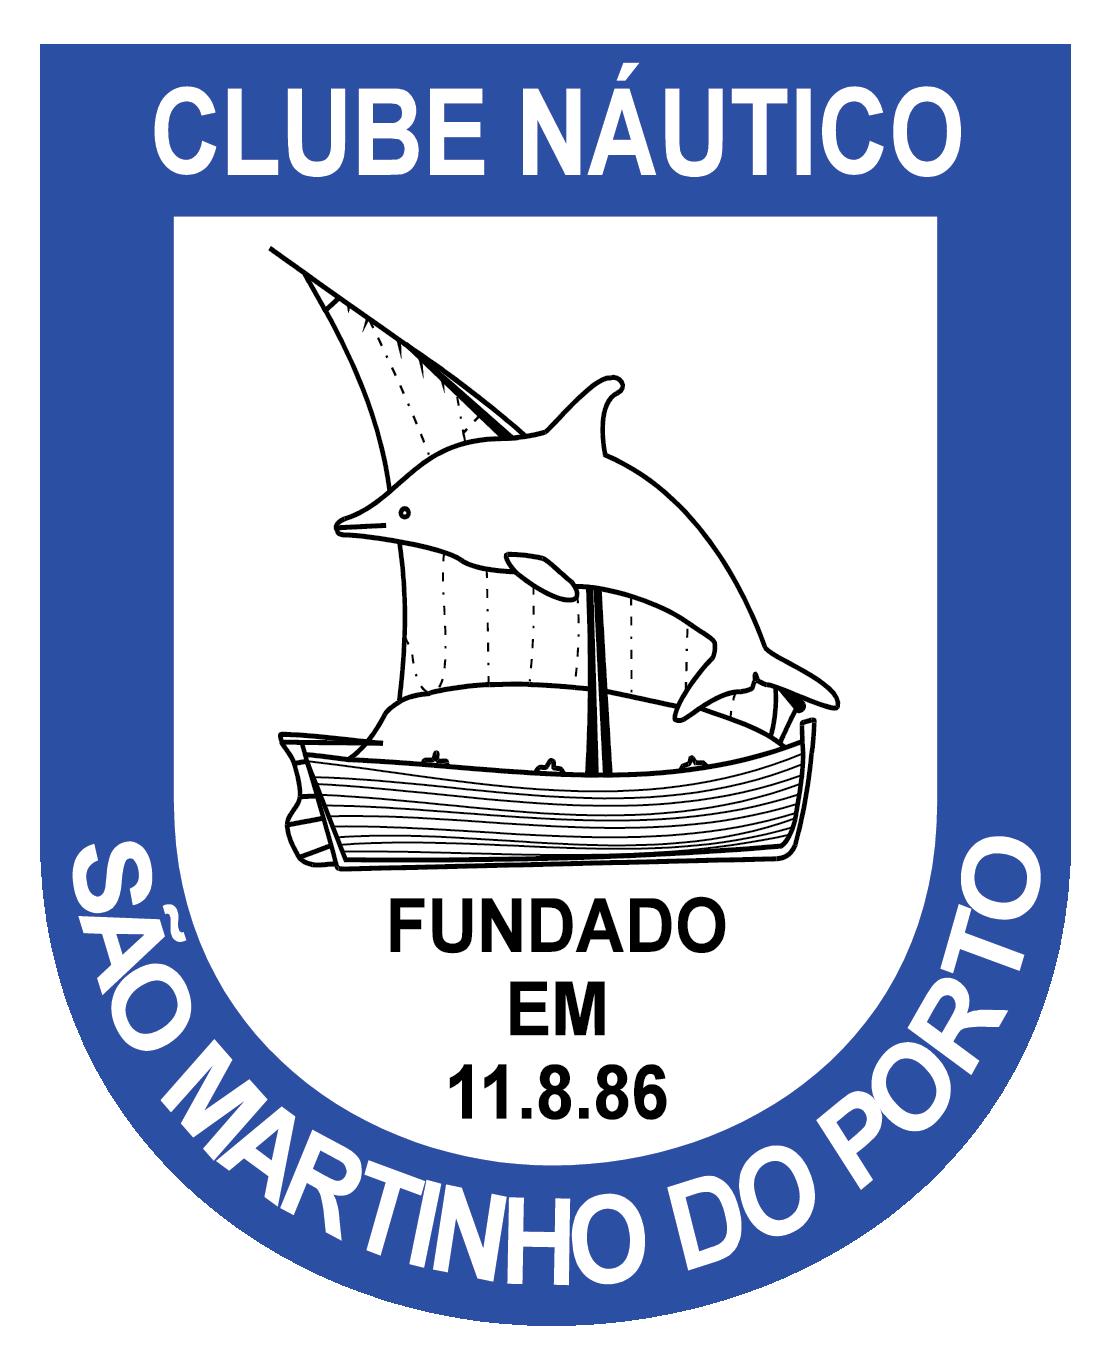 Clube Náutico de São Martinho do Porto